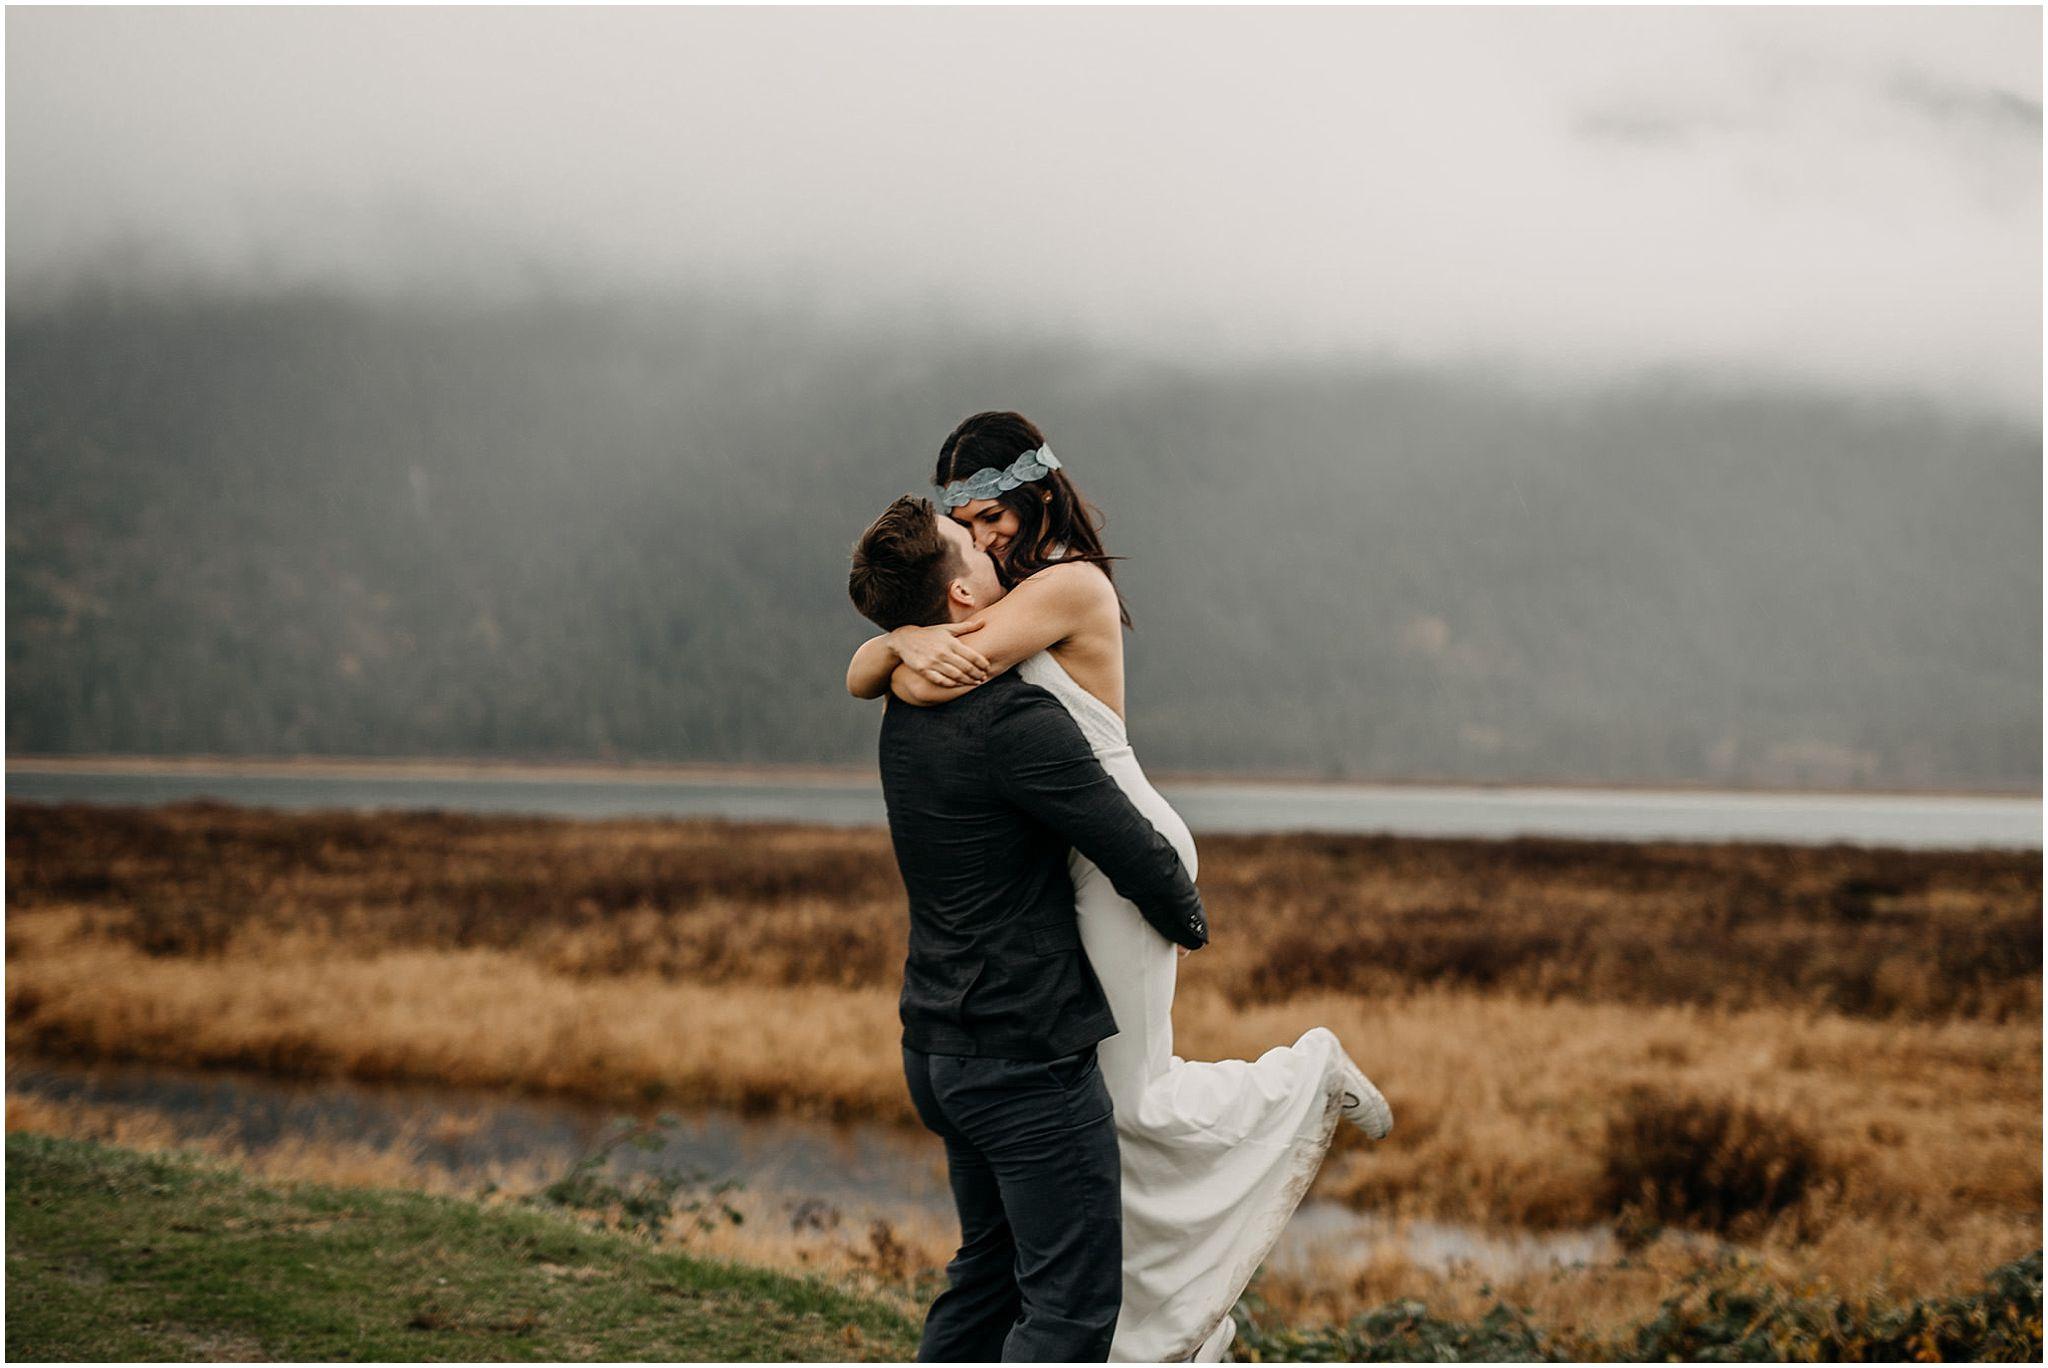 groom lifting bride pitt lake foggy portraits